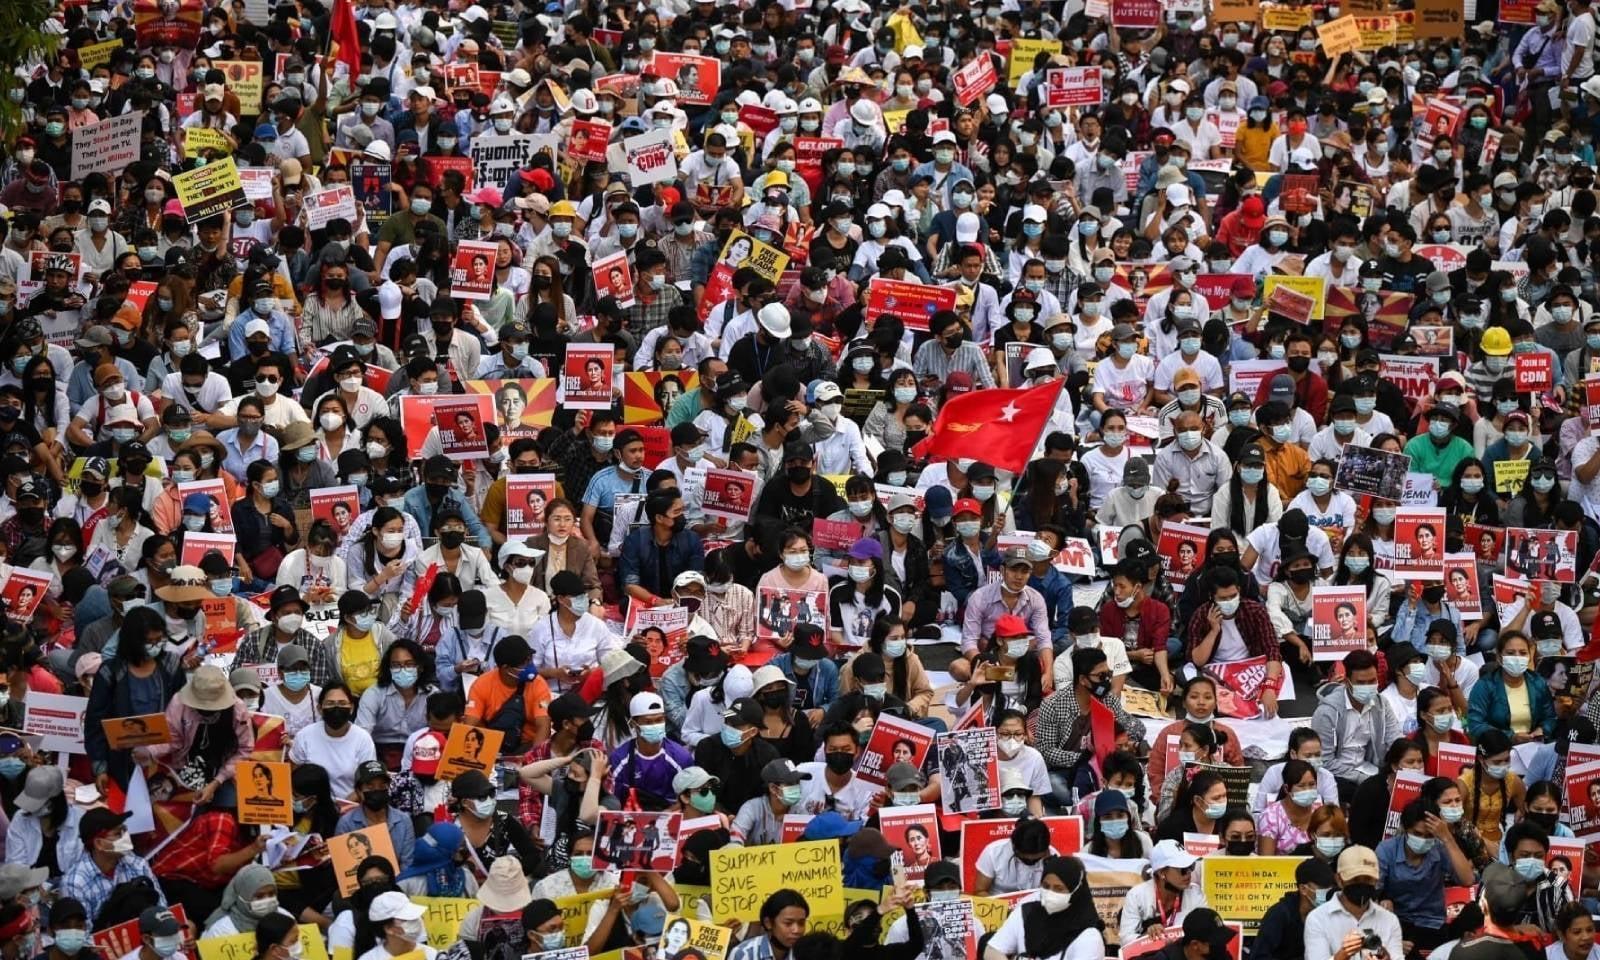 عوام سڑکوں پر احتجاج کر رہے ہیں—فوٹو: اے ایف پی